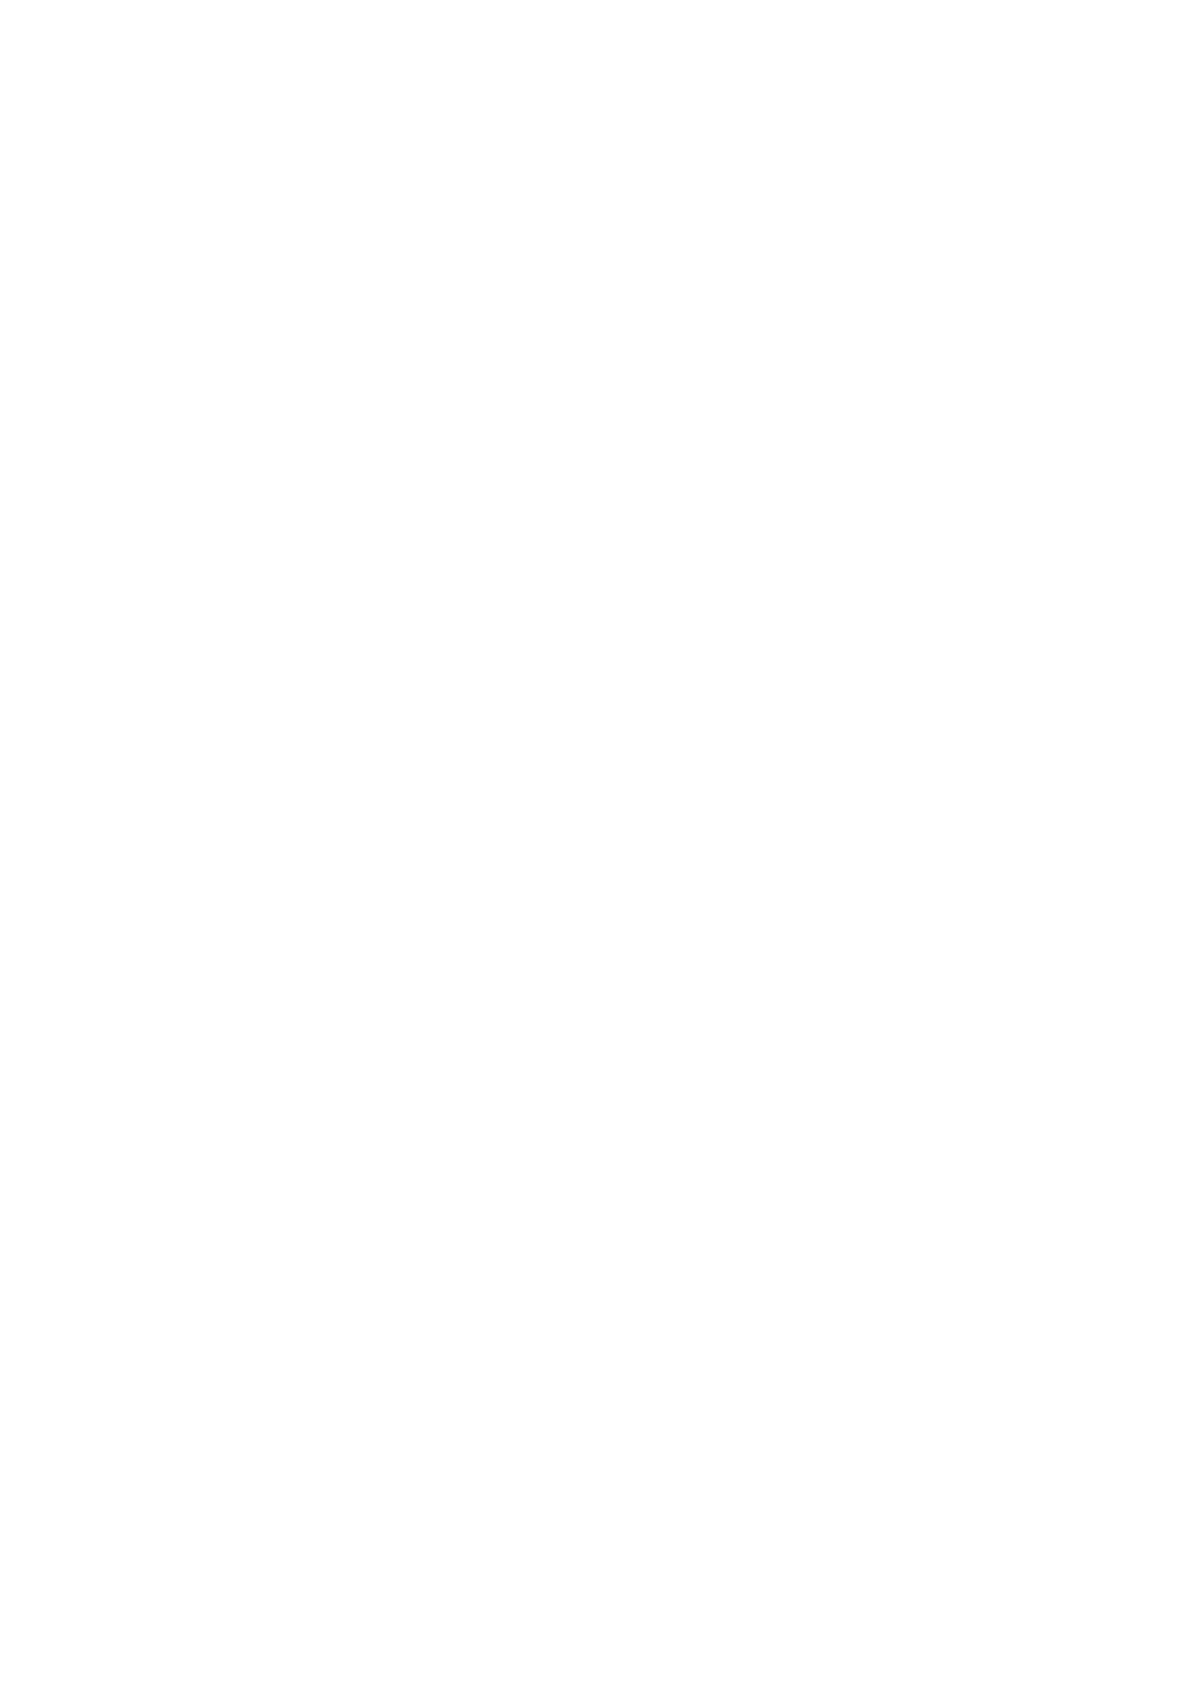 الأمانة العامة وصول وزير الأوقاف 20 09 2012